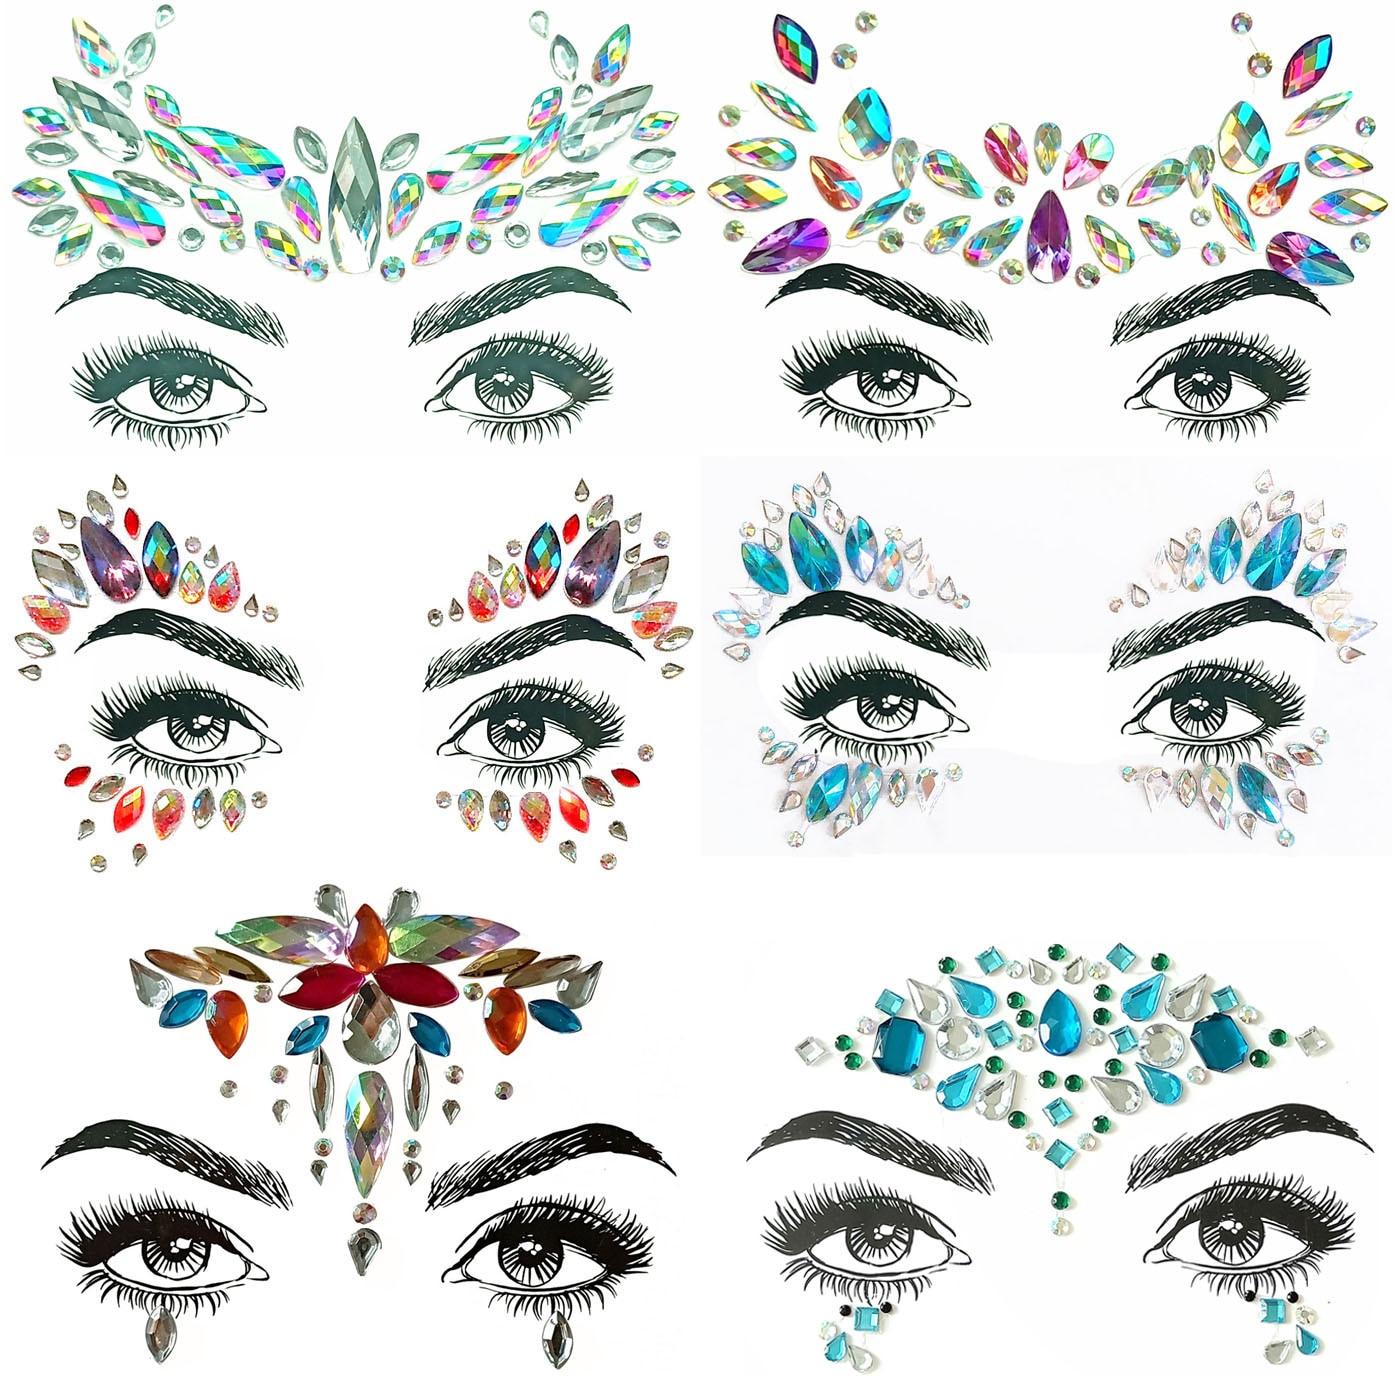 Adesivos de arte para o natal 1 peça, diy, sobrancelha, rosto, corpo, adesivo, arte, cristal, glitter, jóias, festa, olhos, adesivos de tatuagem, maquiagem, decoração de natal